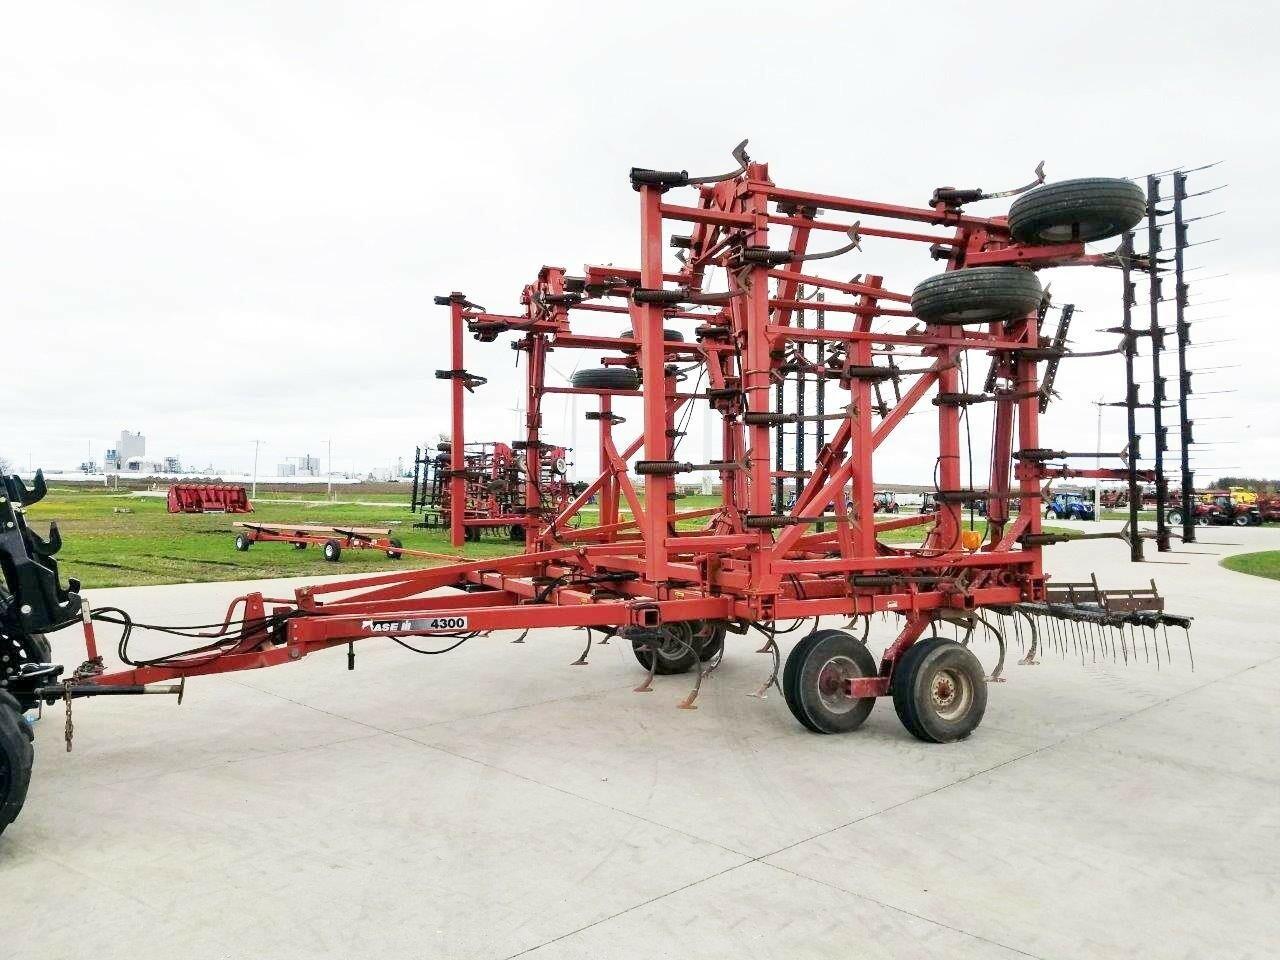 1998 Case IH 4300 Field Cultivator